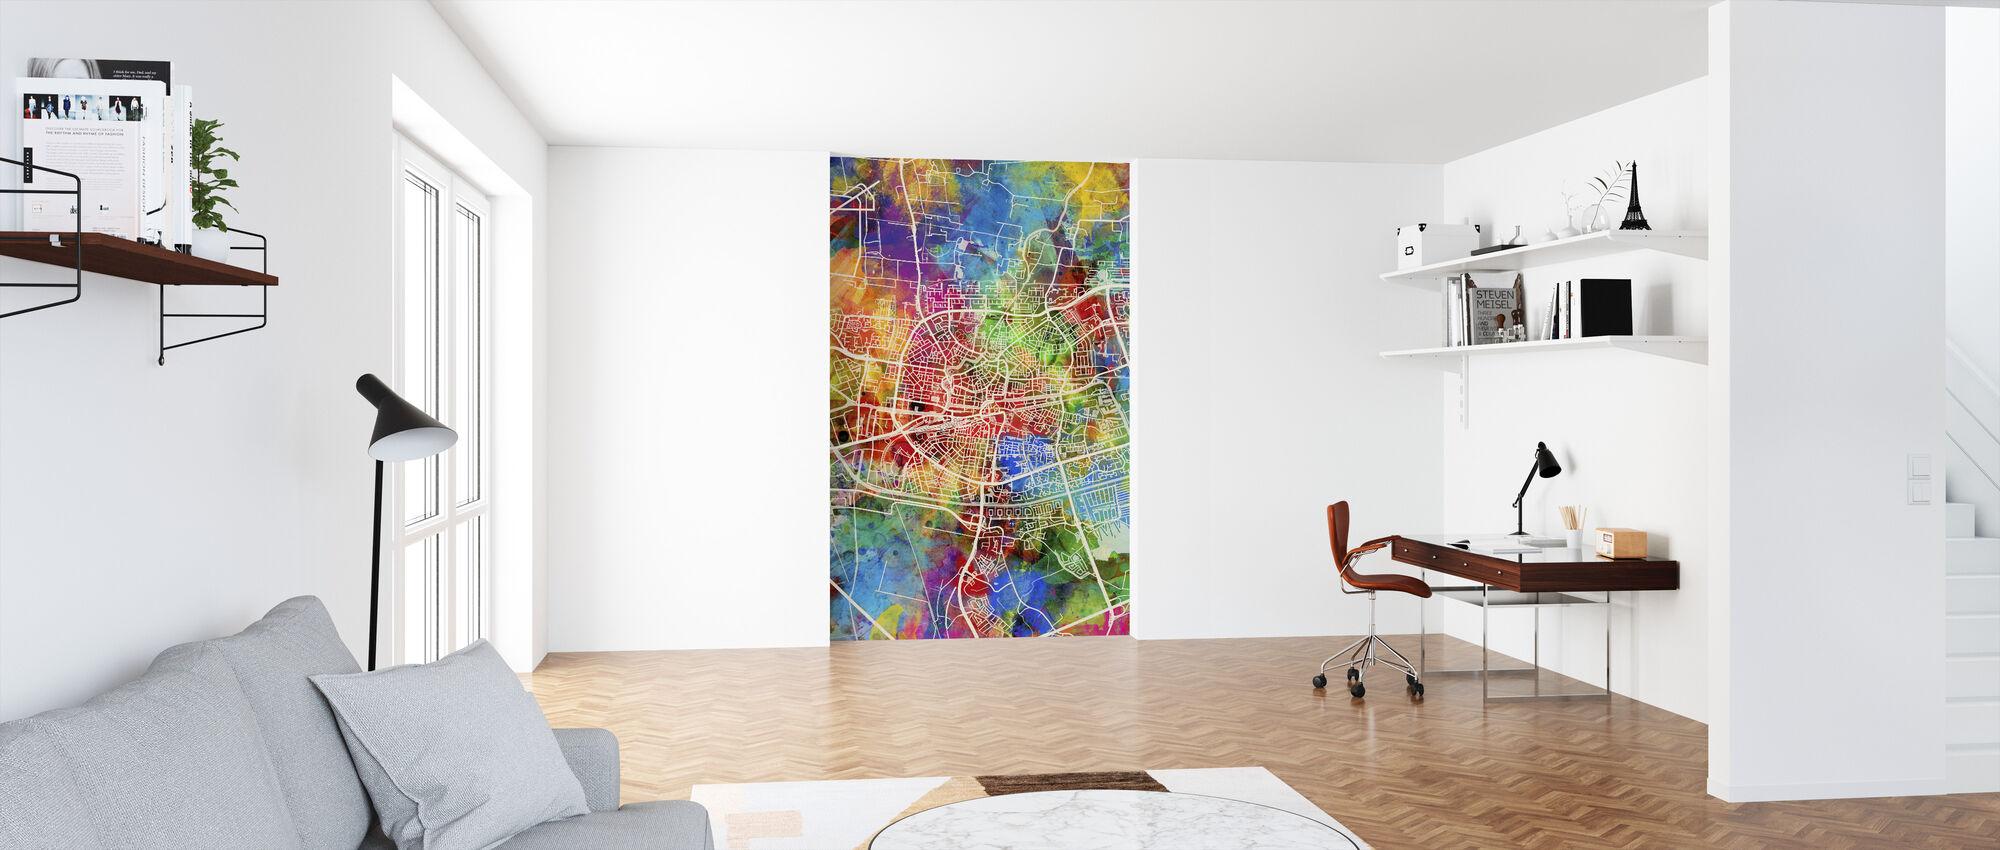 Leeuwarden Netherlands City Map - Wallpaper - Office